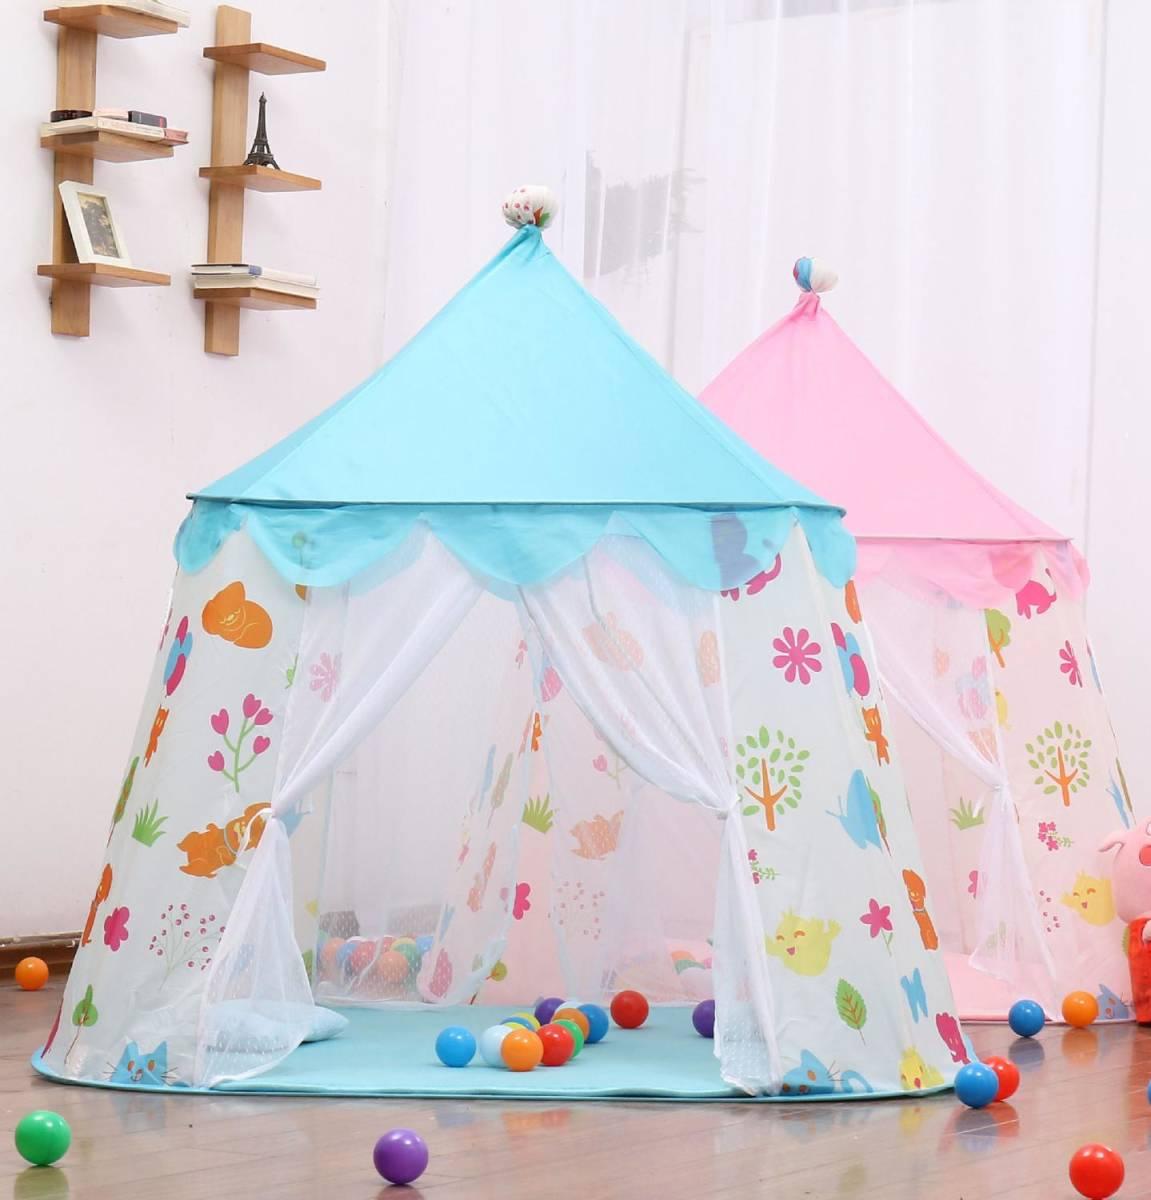 子供 ティピ キッズ 屋内 ベッド 家 ポータブル リトル ハウス ティーピー GR0023A青 テント キャンプ アウトドア_画像3